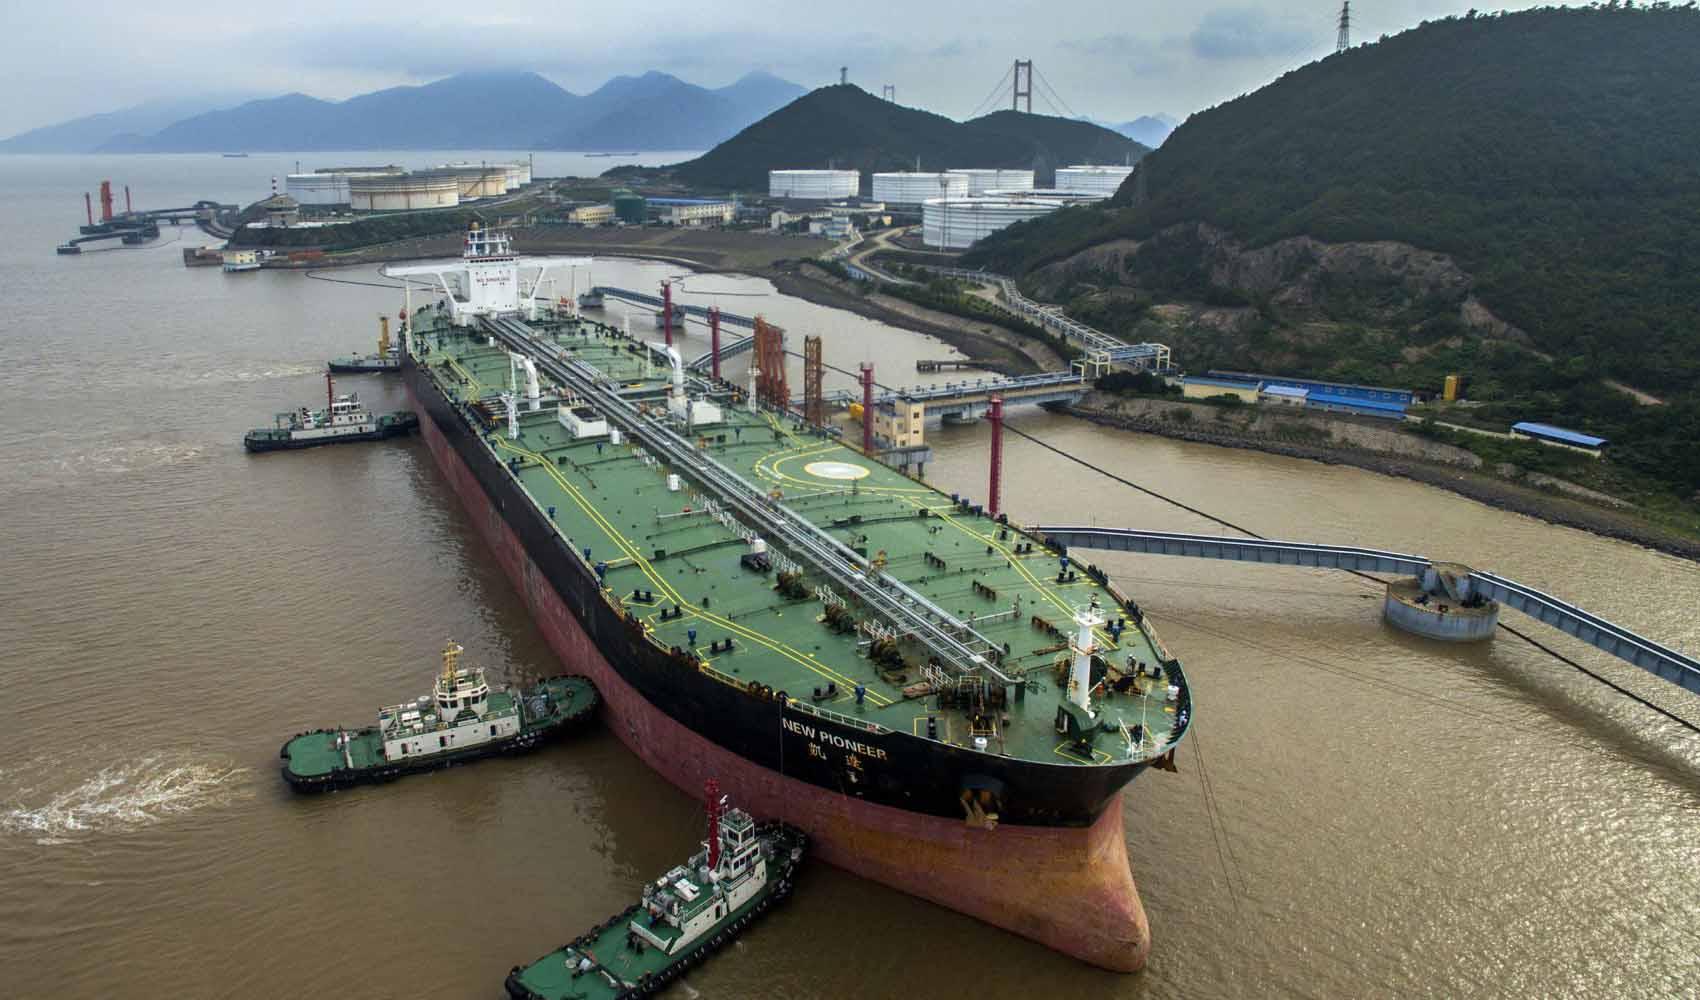 چین همچنان در سال ۲۰۲۱ بزرگترین وارد کننده نفت است